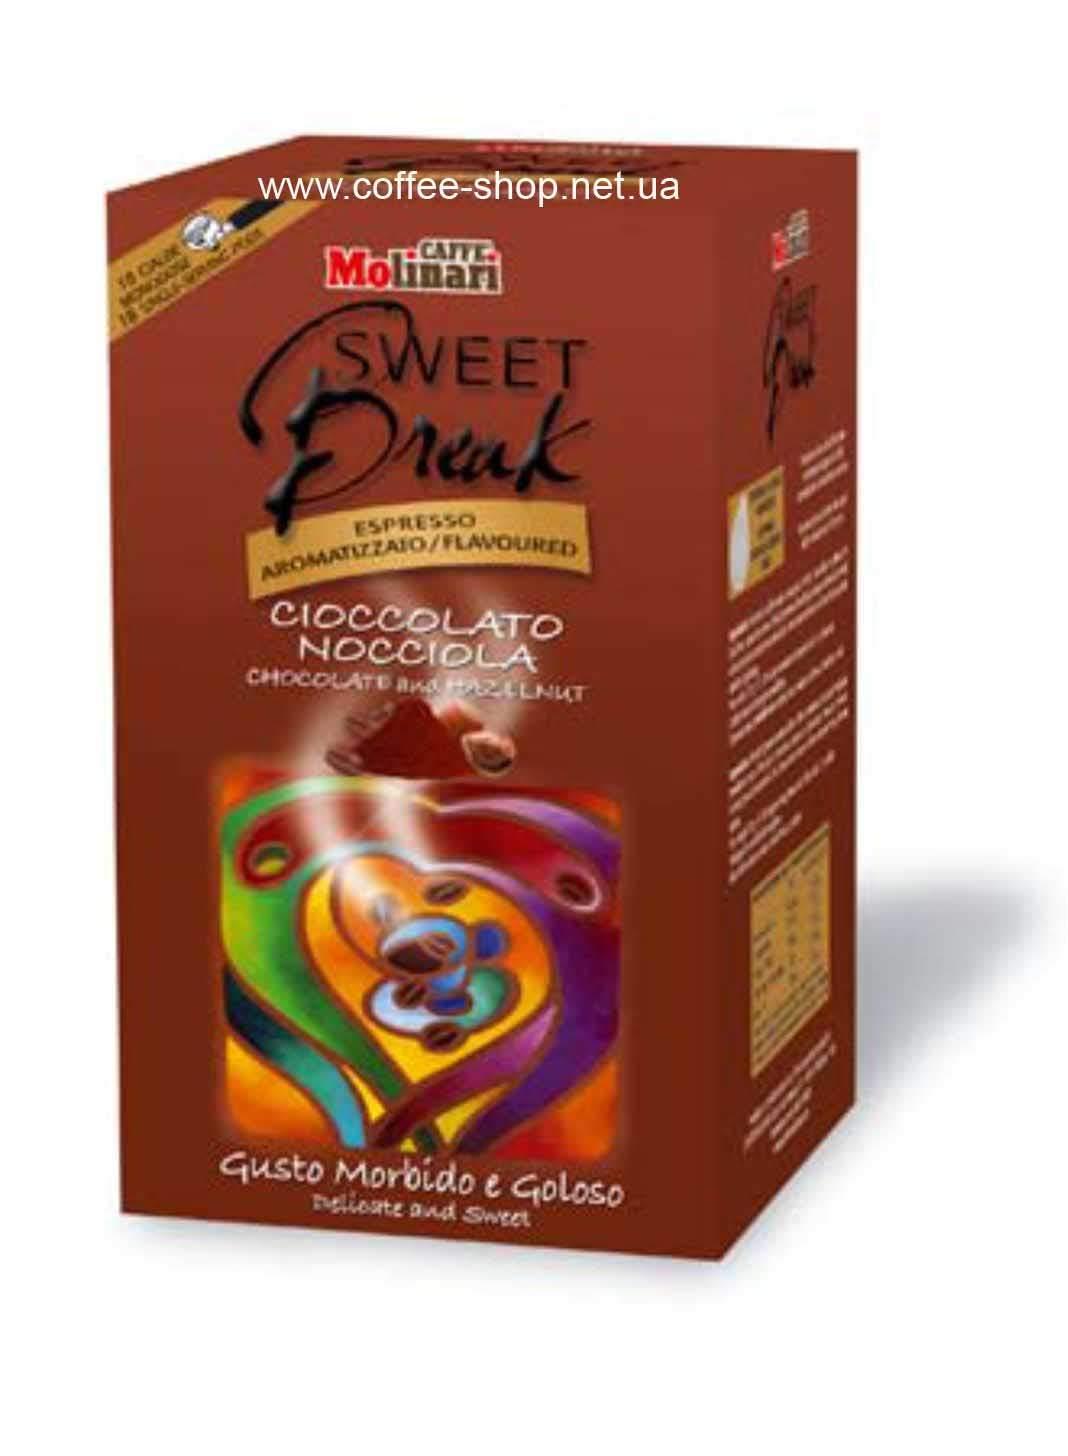 9118 | Кофе в чалдах Molinari SWEET BREAK (шоколад и лесной орех) 18 шт. | Coffee Shop